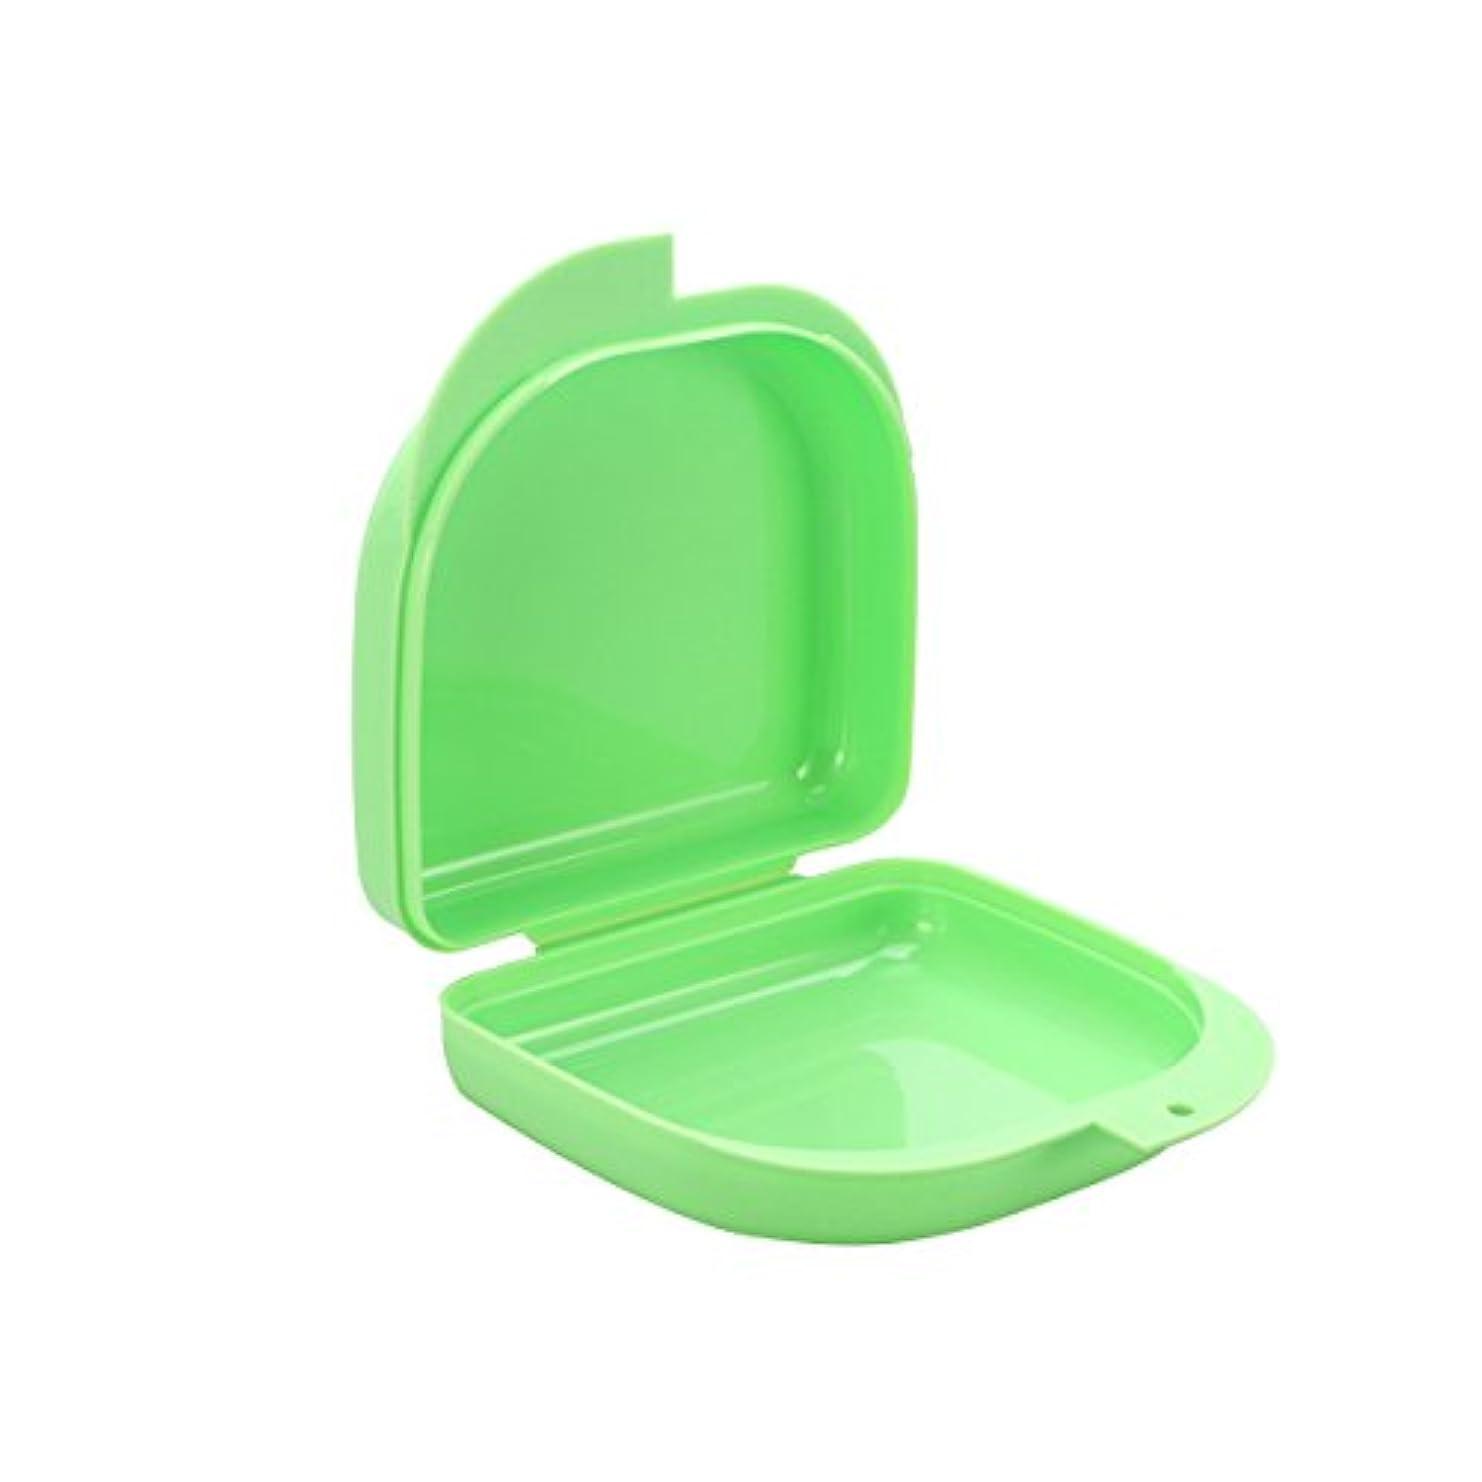 アパート正しく忌避剤SUPVOX マウスガードケース義歯収納容器付き通気孔と蝶番付きフタ留め金具歯科矯正歯科リテーナーボックス2個